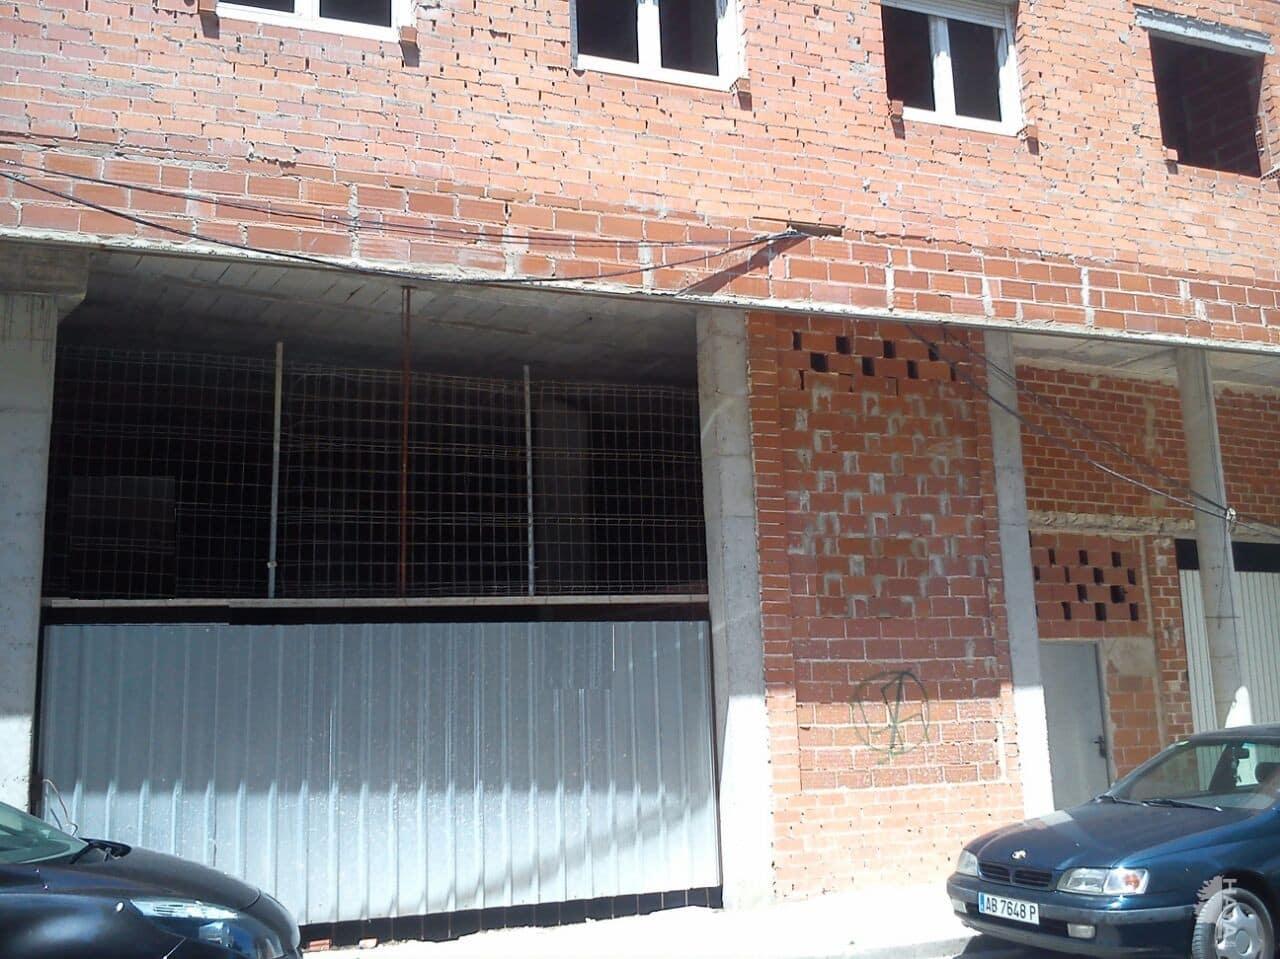 Piso en venta en La Roda, Albacete, Calle Juan Garcia Glz, 43.500 €, 1 habitación, 1 baño, 107 m2